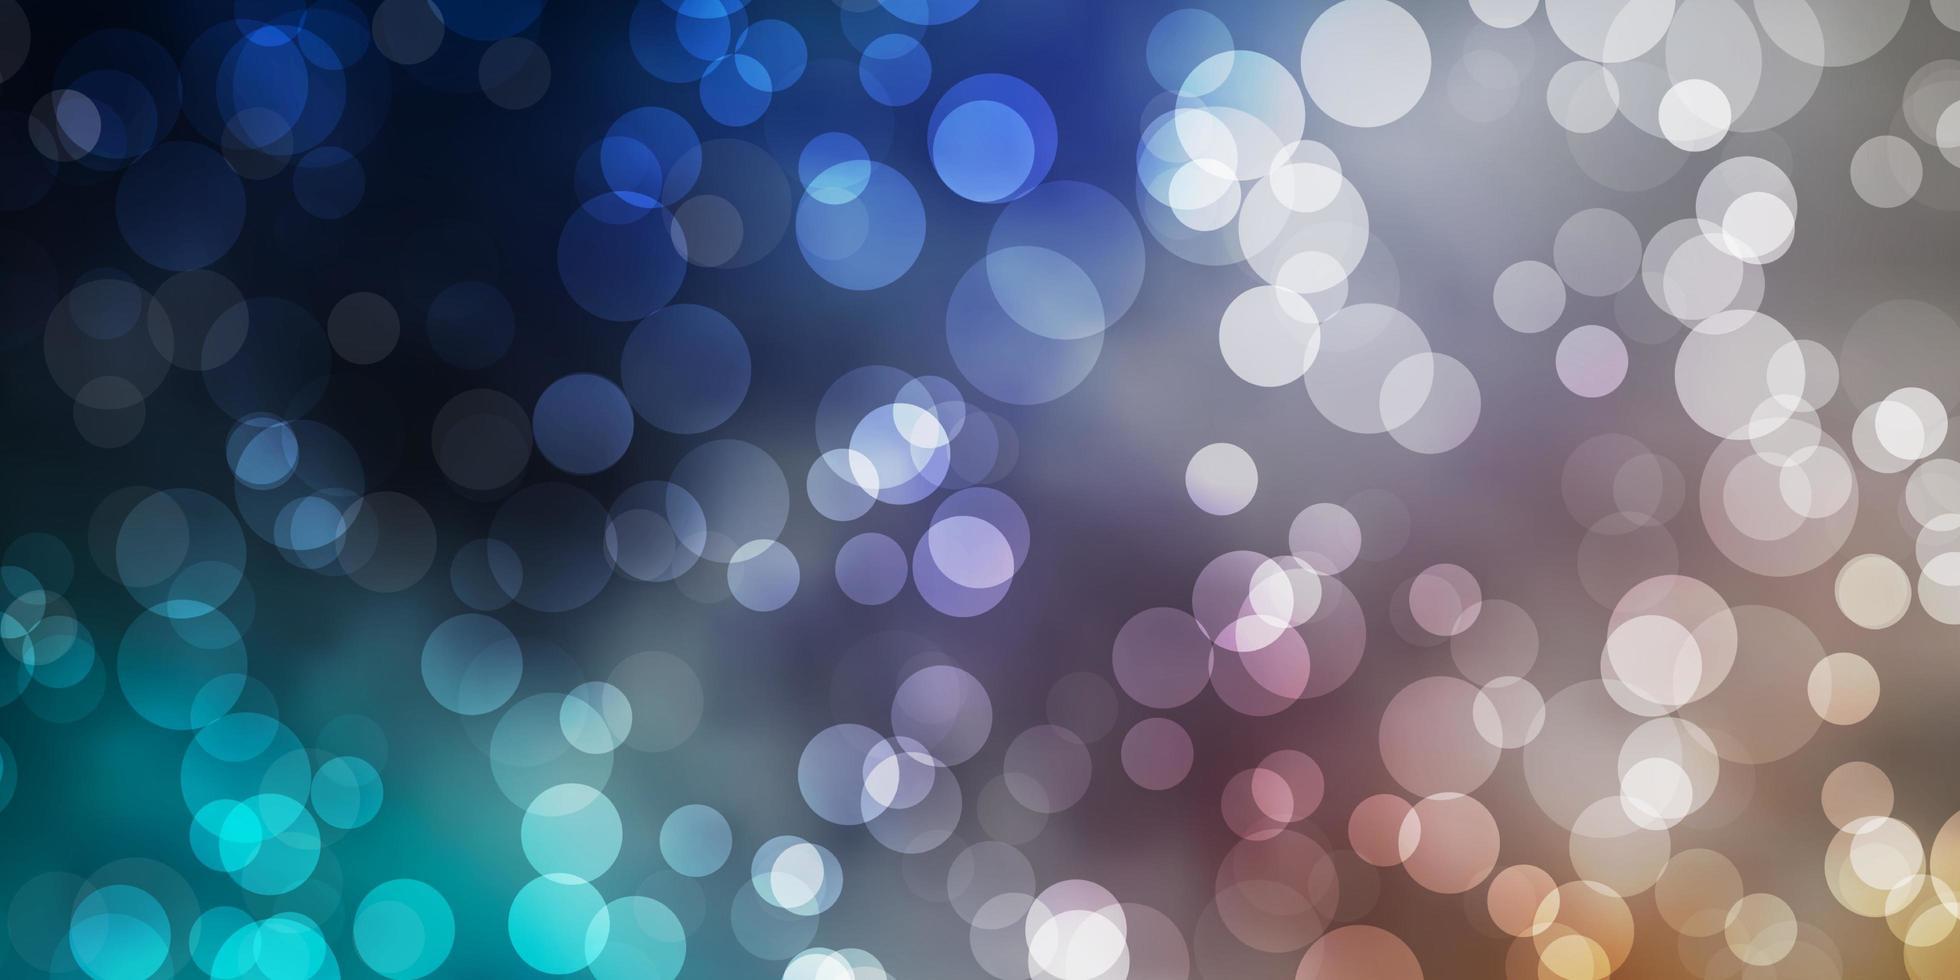 patrón azul claro, amarillo con esferas. vector